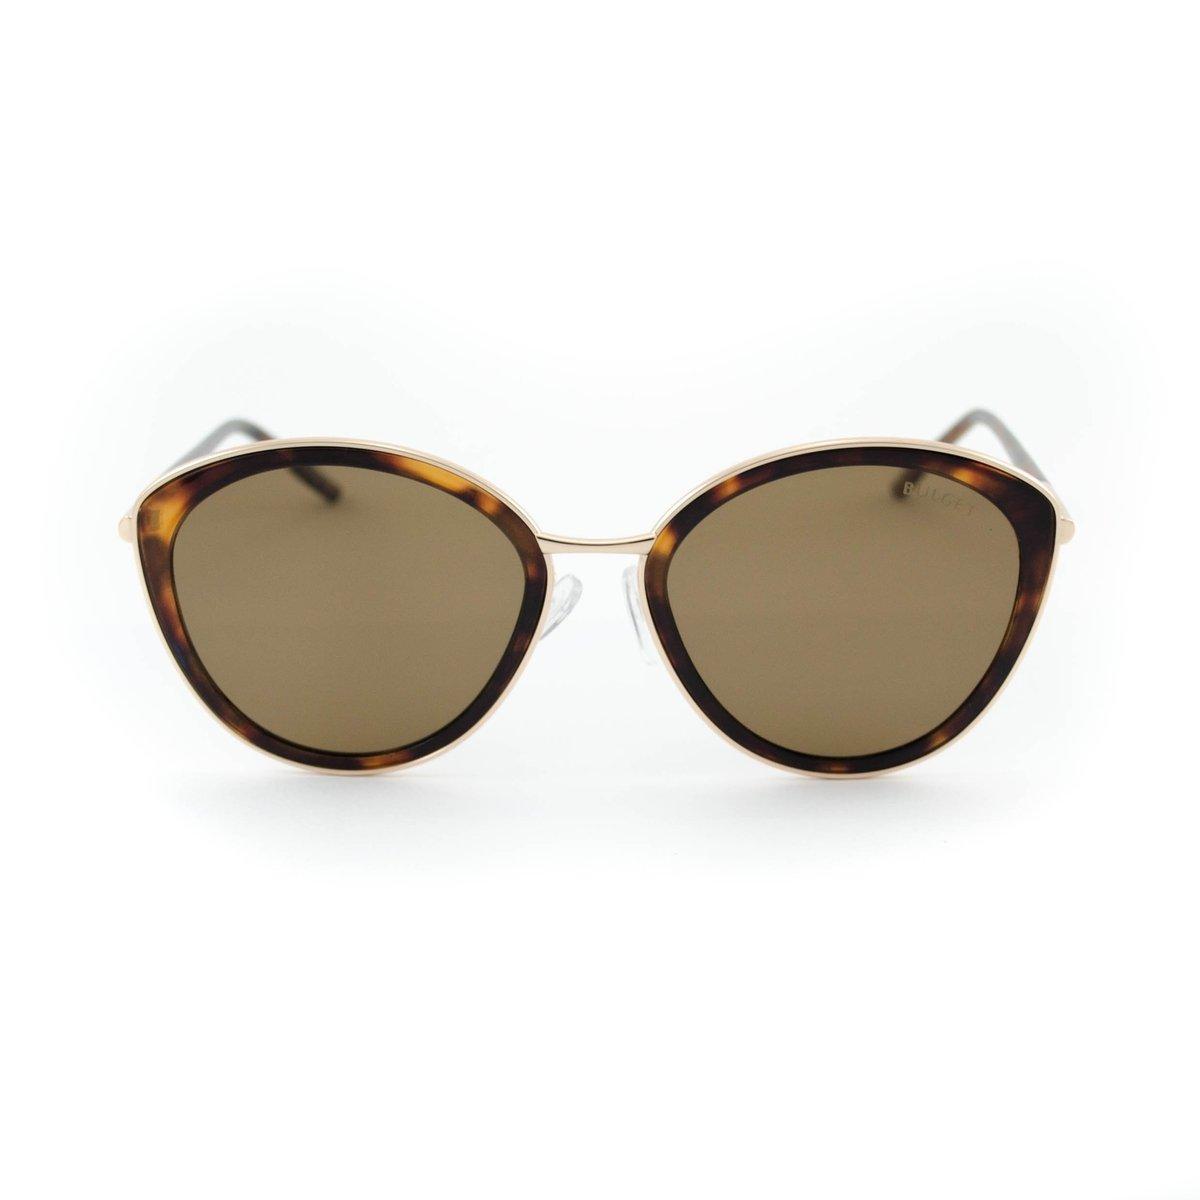 Óculos de Sol Bulget - Dourado e Marrom - Compre Agora   Zattini e0c5e1f1b8